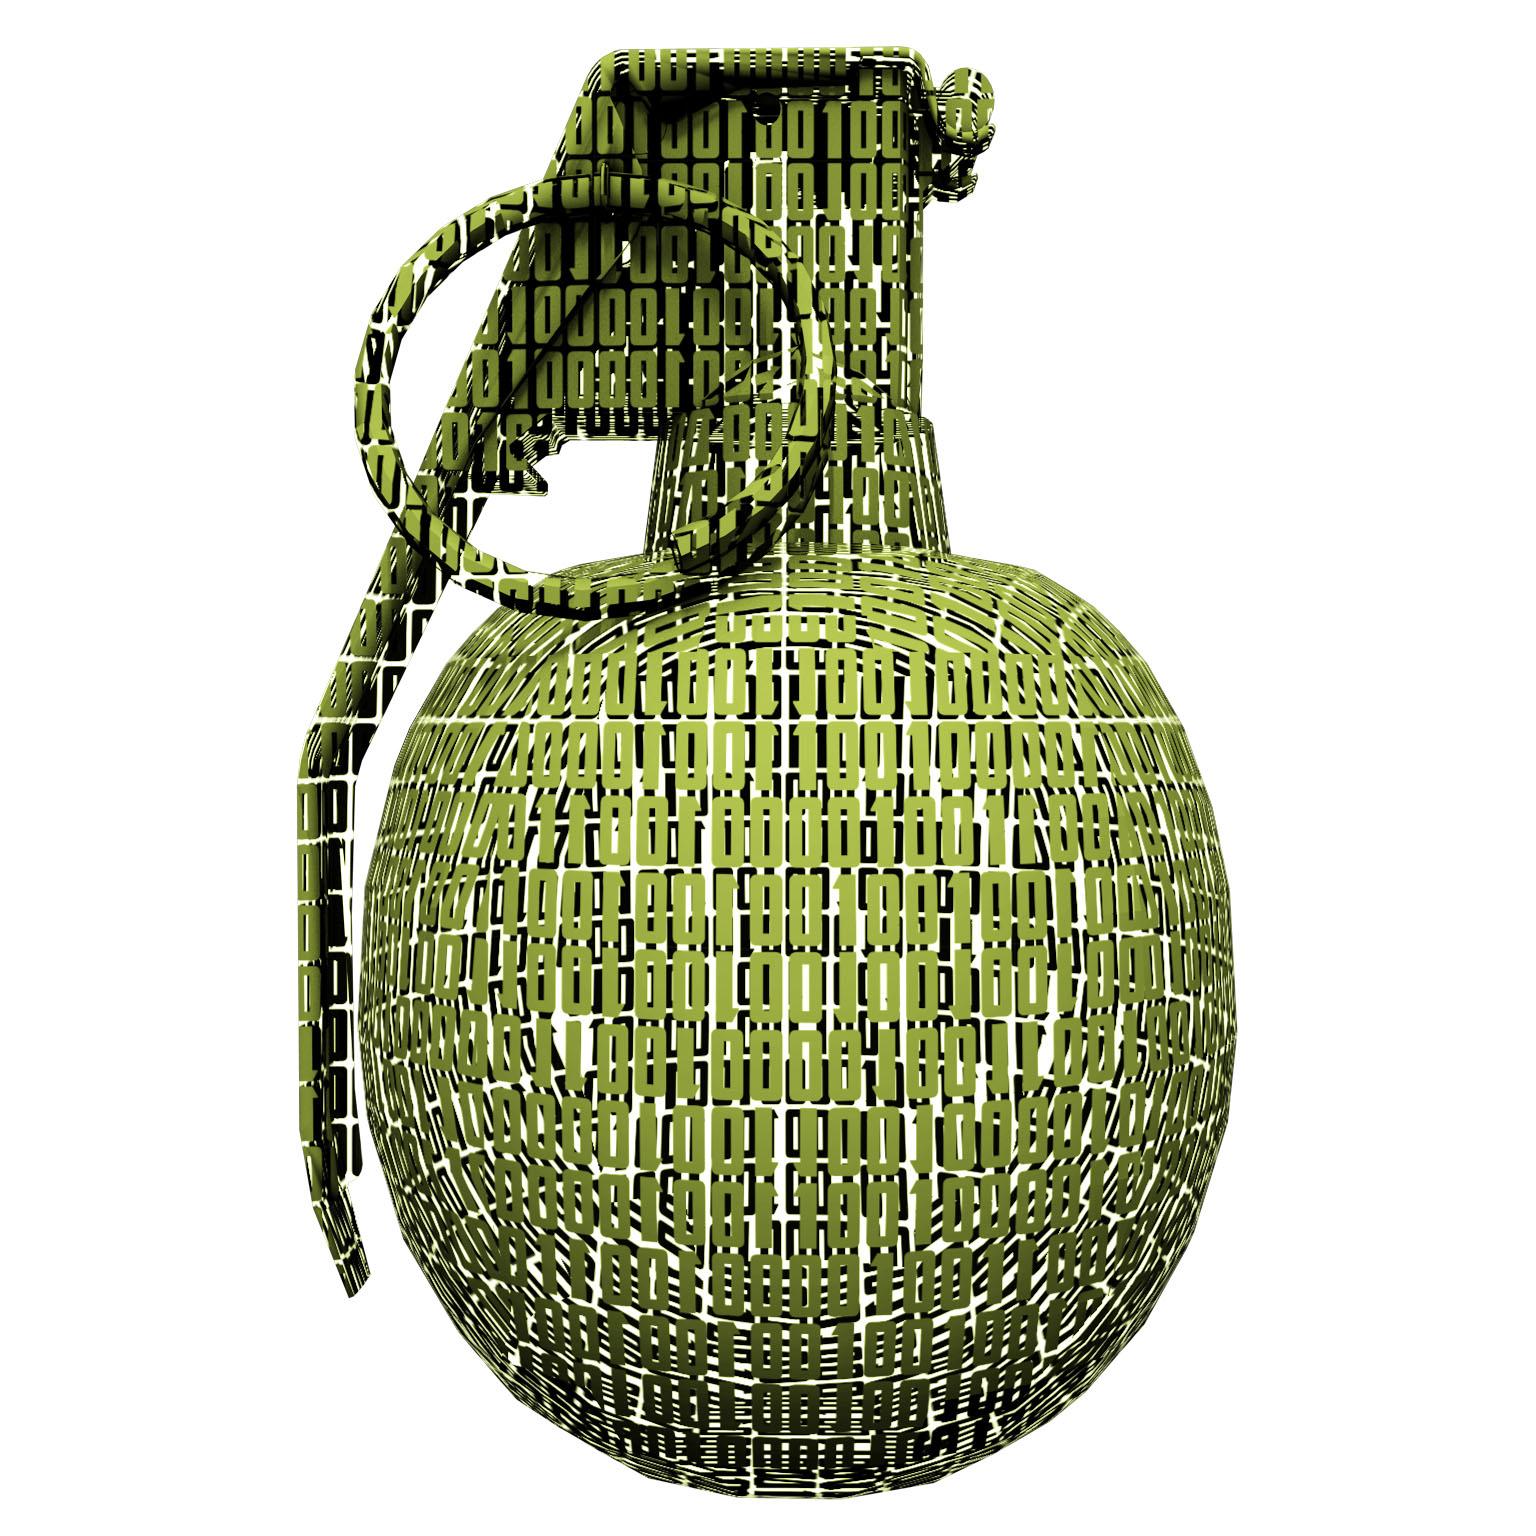 digital grenade